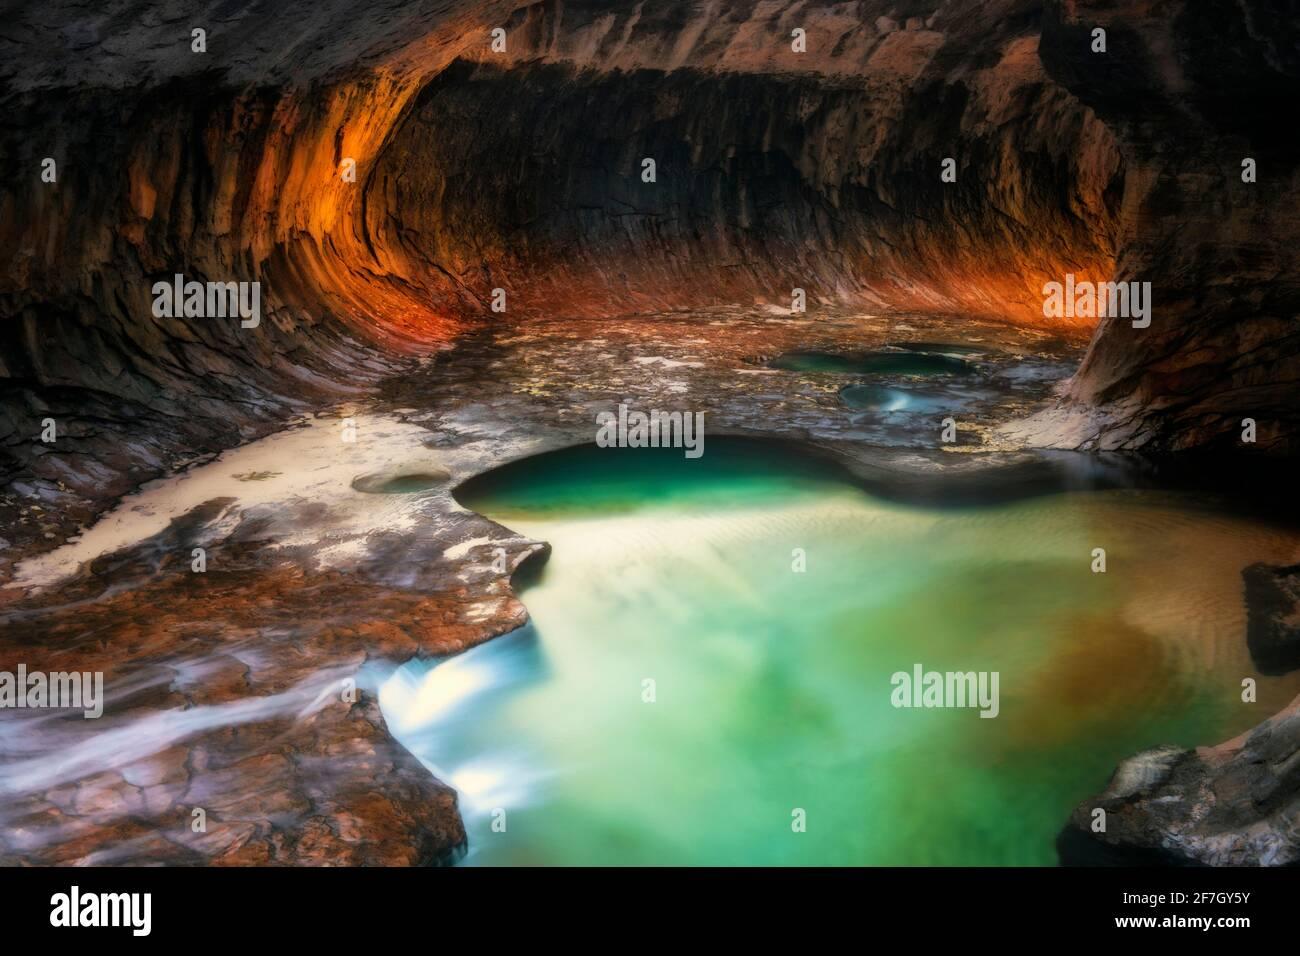 Reflektierendes Licht beleuchtet die Labyrinth-Schlitzschluchtwände der Subway mit ihren smaragdgrünen Pools im Zion National Park. Stockfoto